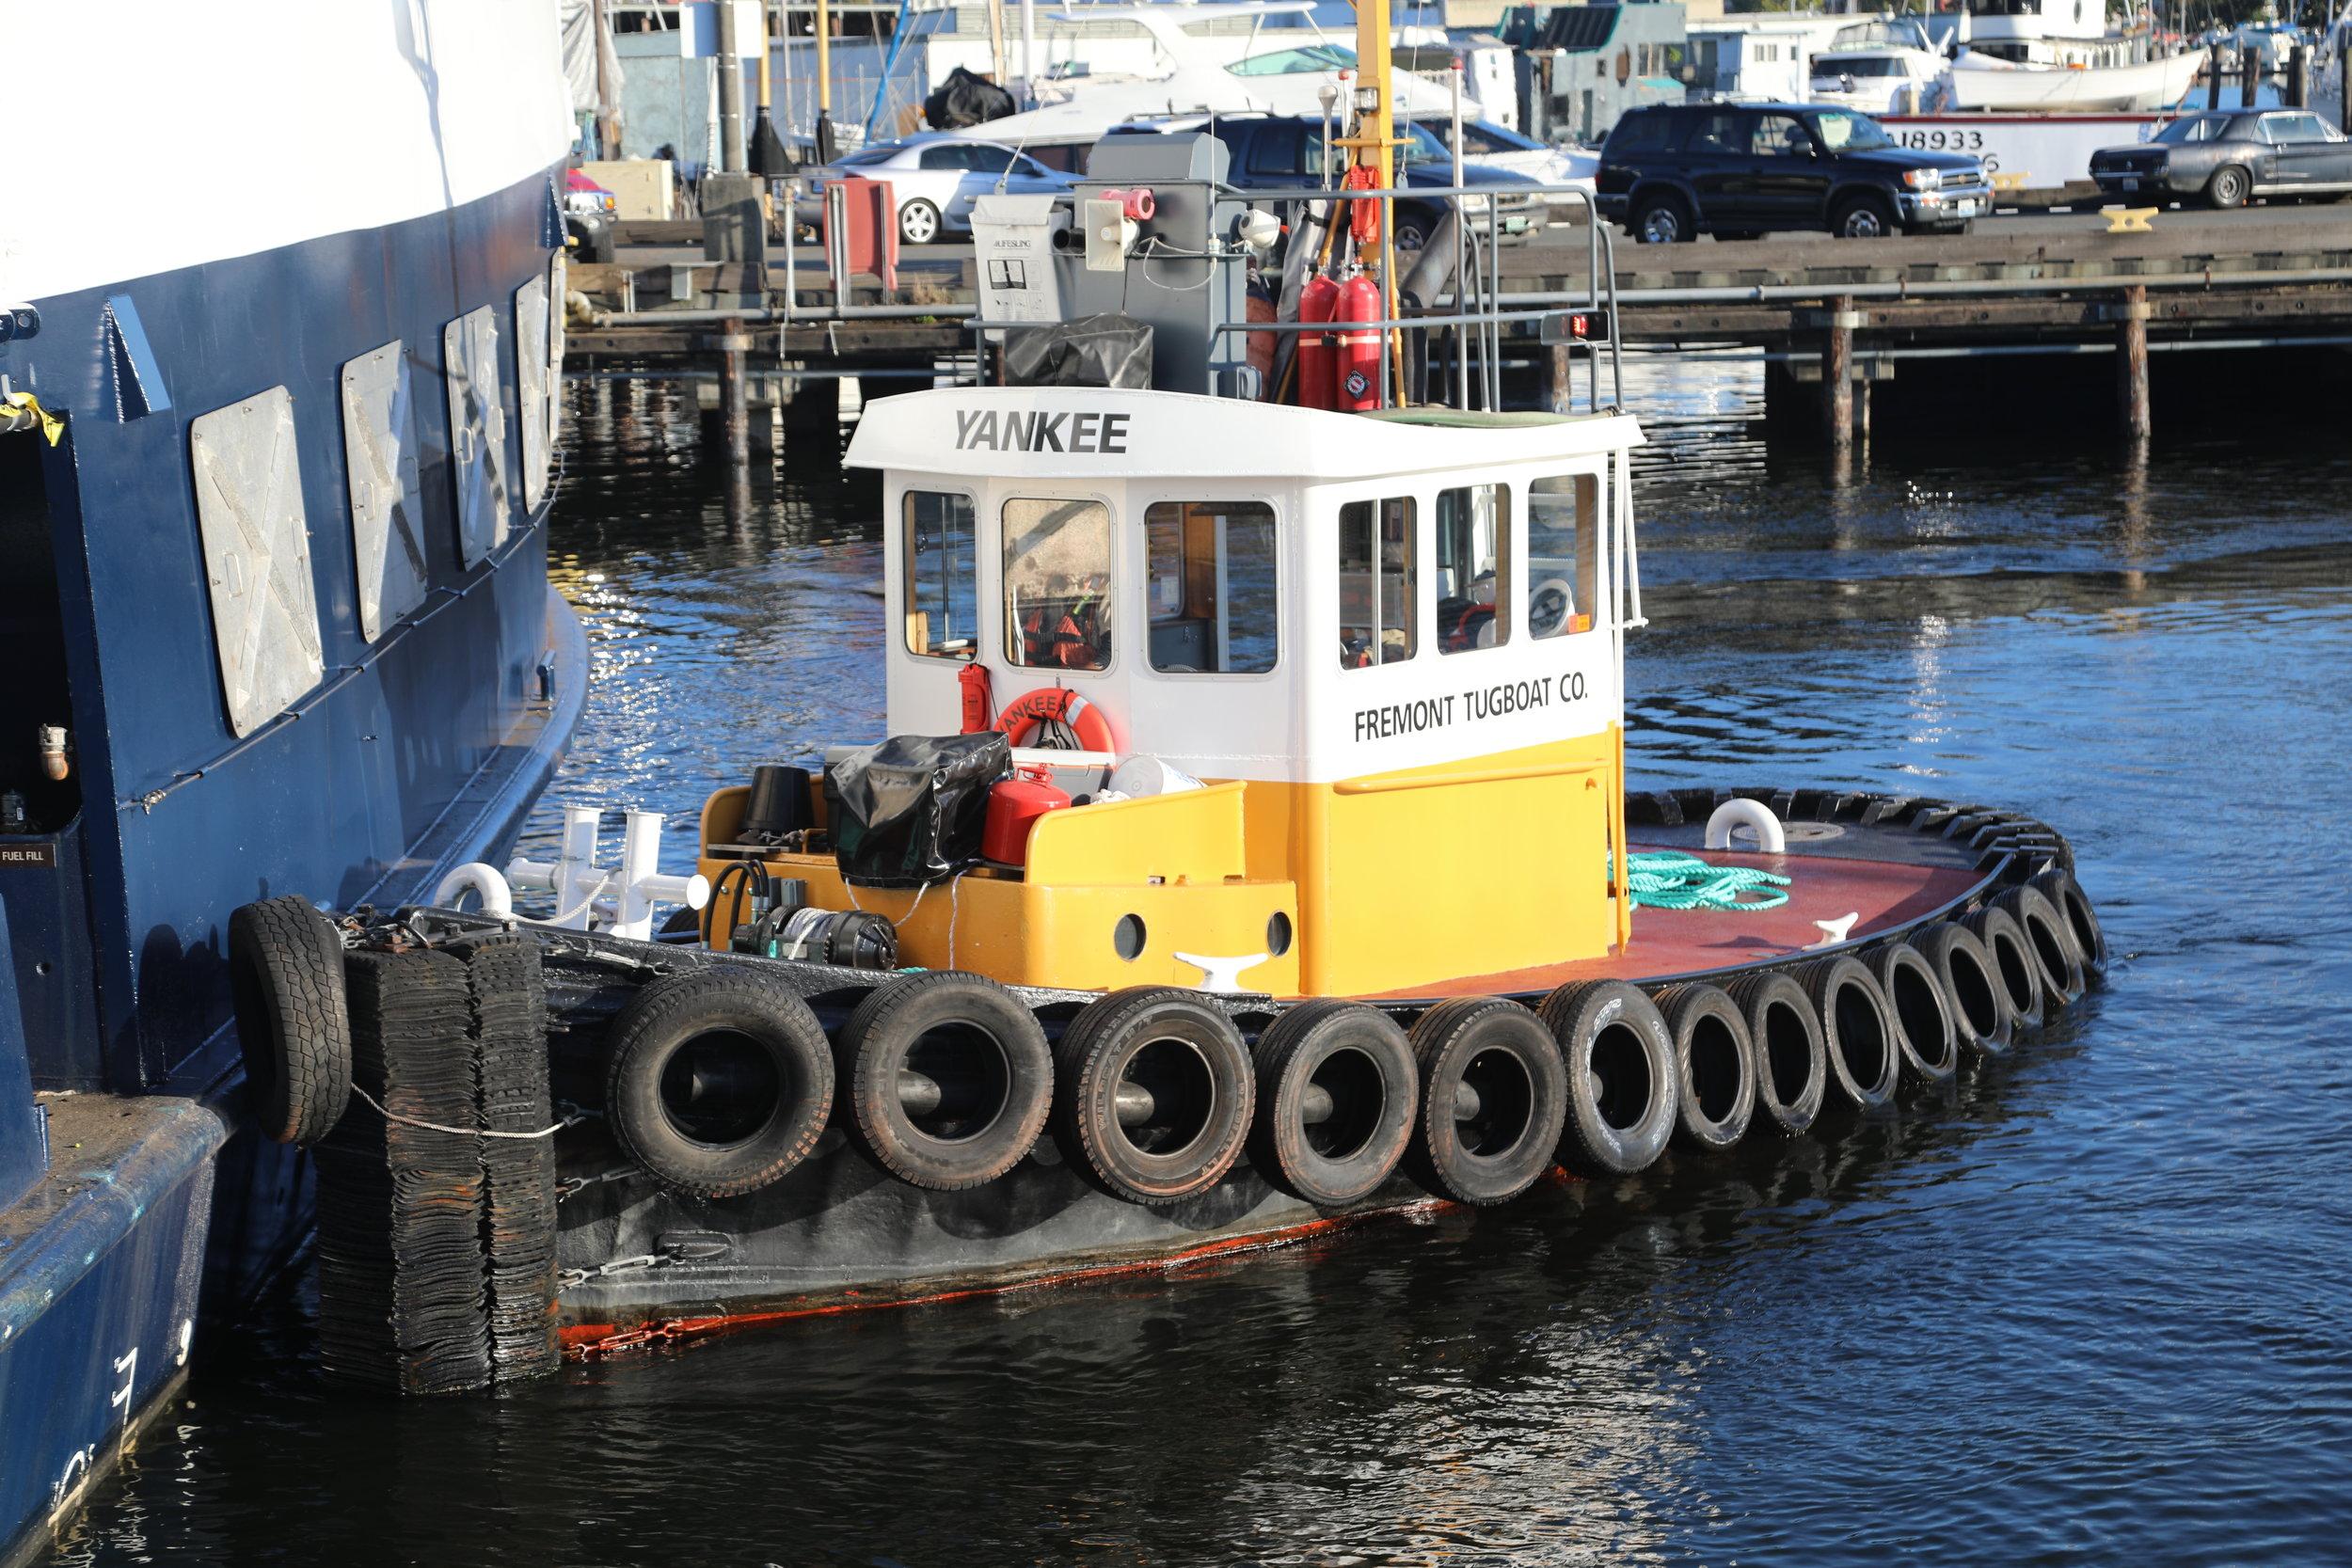 Safari Voyager from Fishermans Terminal to Pier 90 (22).JPG